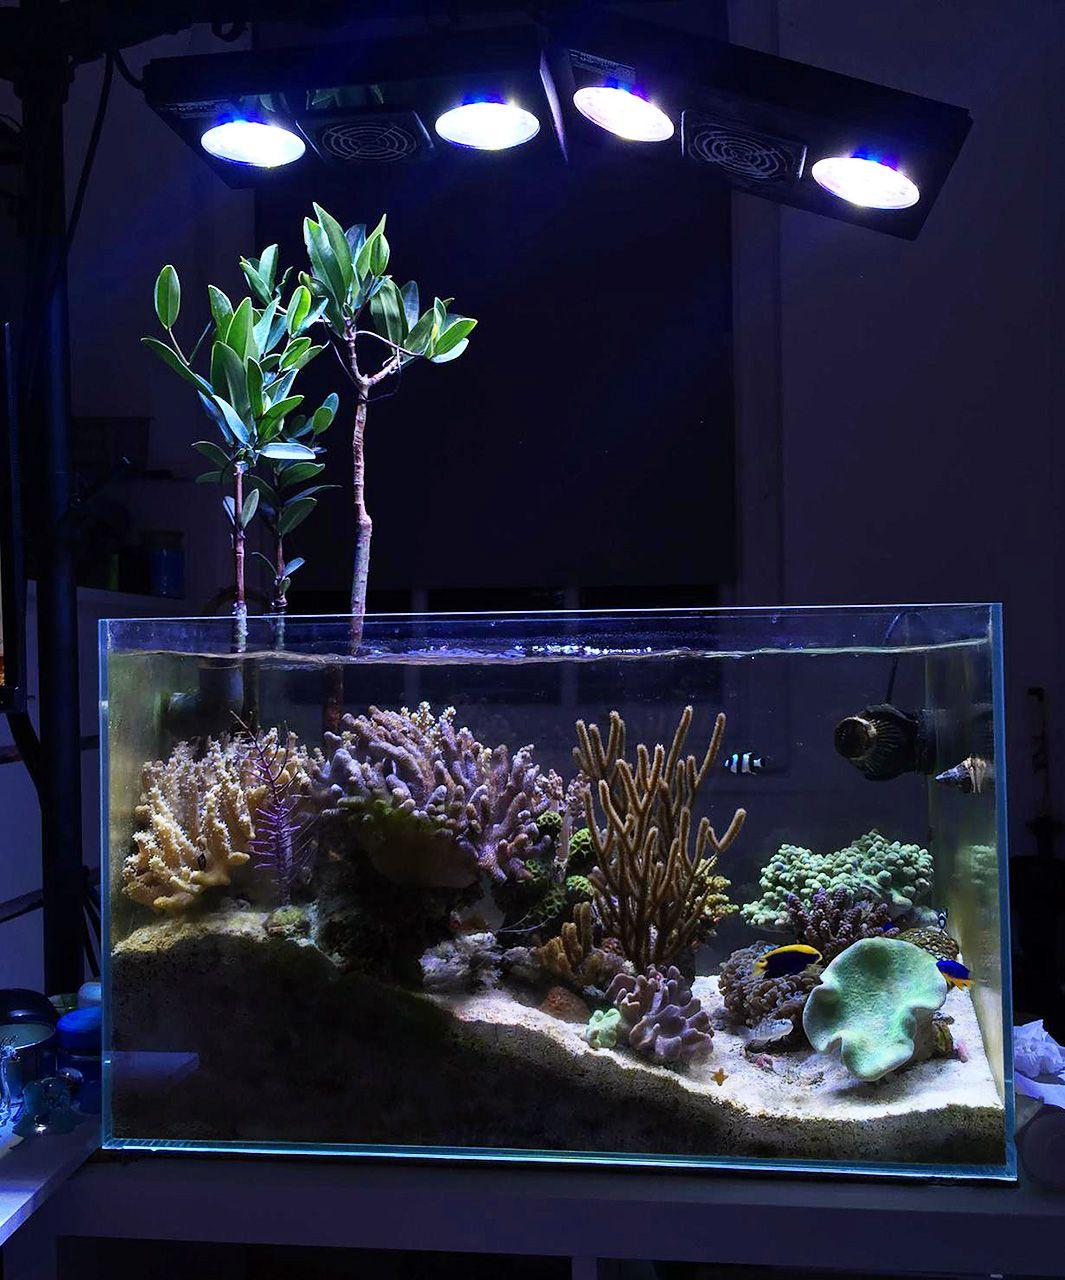 Freshwater aquarium fish profiles - East1 2016 Featured Aquariums Featured Aquariums Monthly Featured Nano Reef Aquarium Profiles